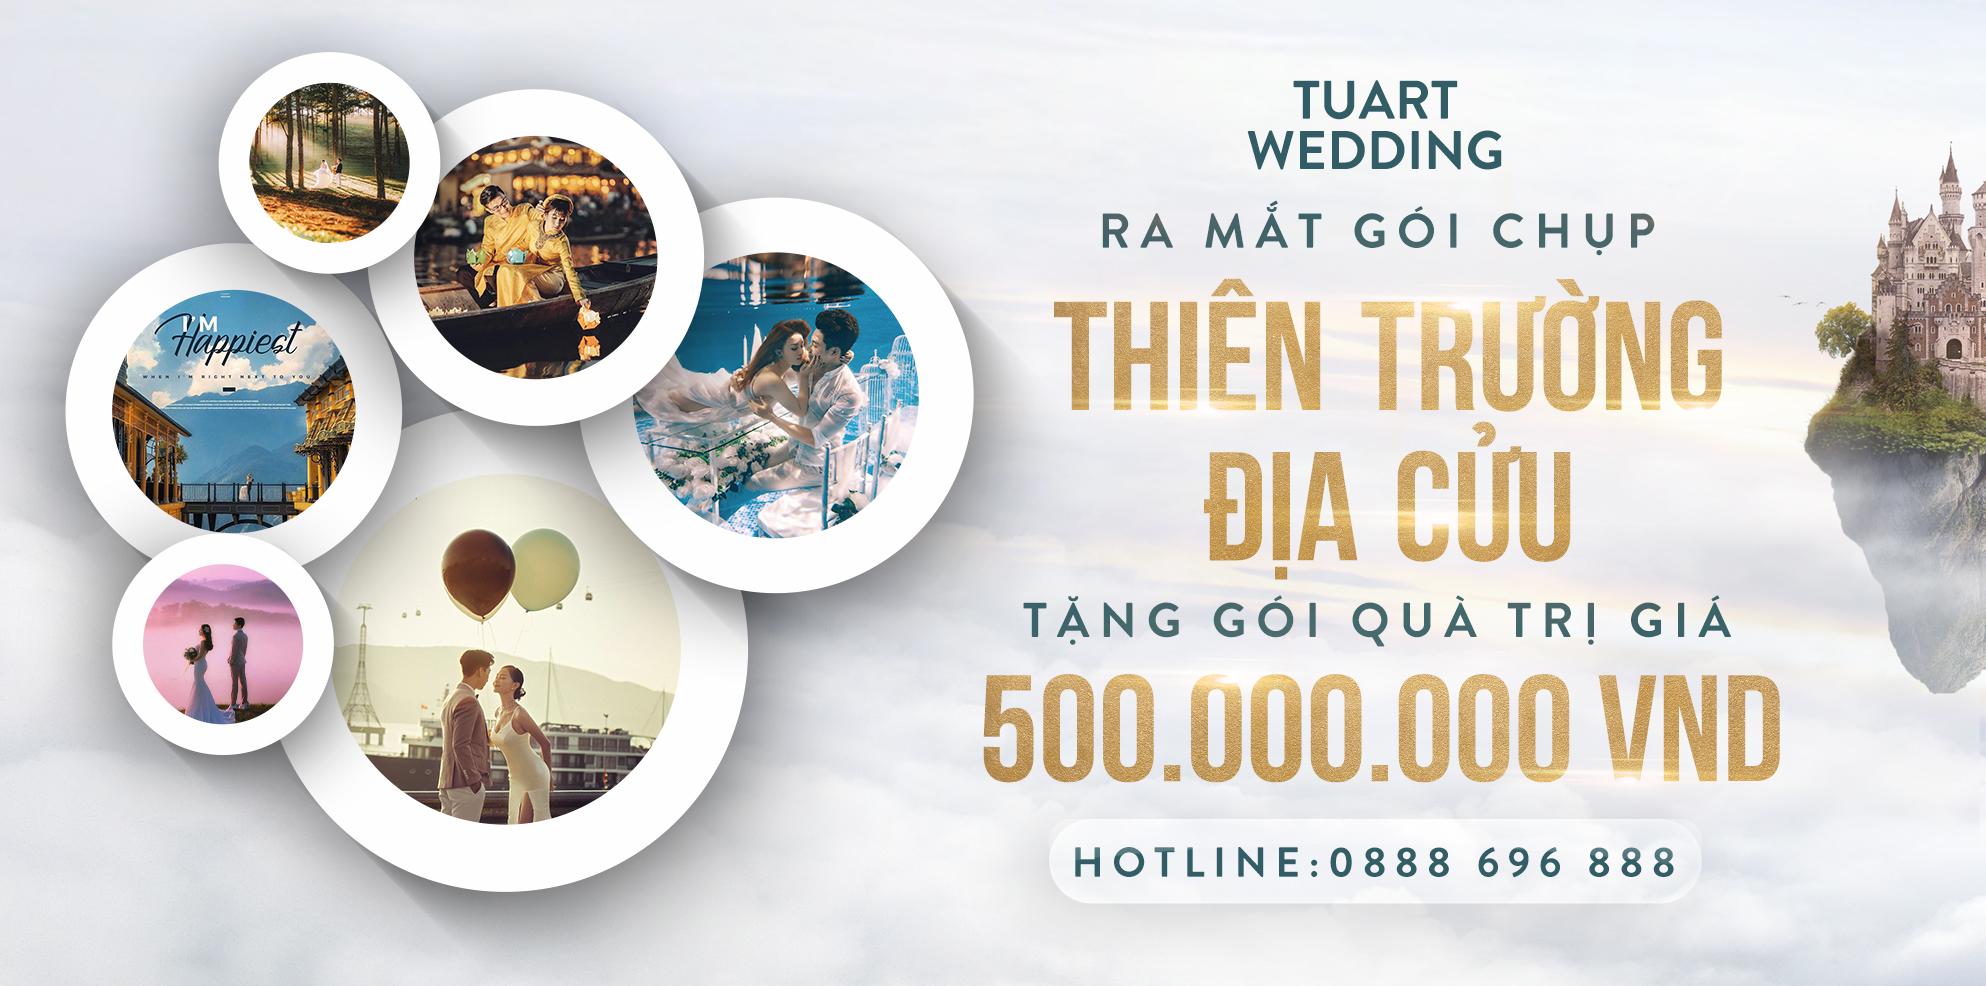 Shock: Trước bộ ảnh cưới Thiên Trường Địa Cửu xuyên Việt trị giá lên tới 368 triệu đồng